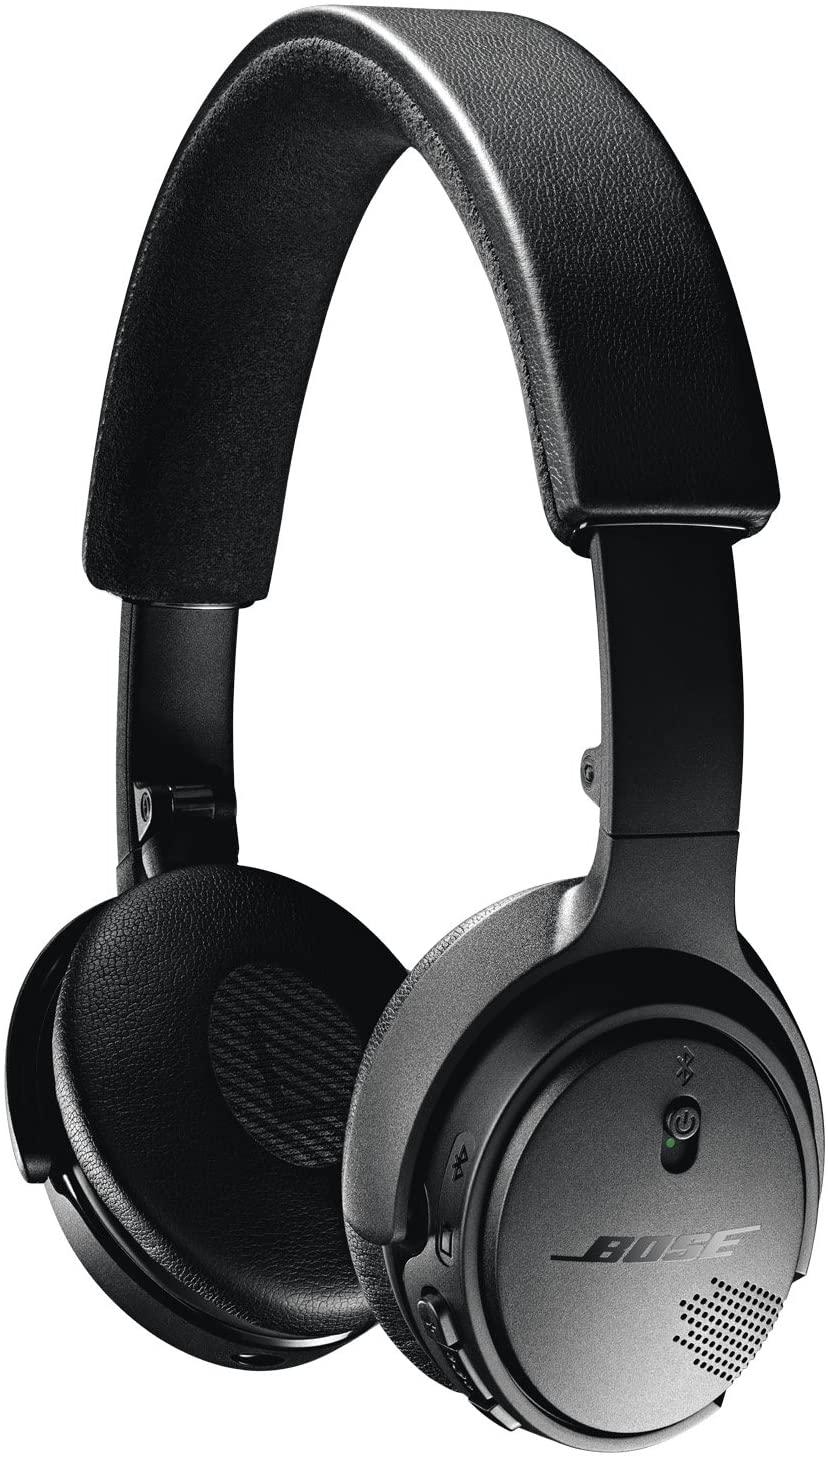 Bose on-ear wireless headphones £109.95 @ Bose